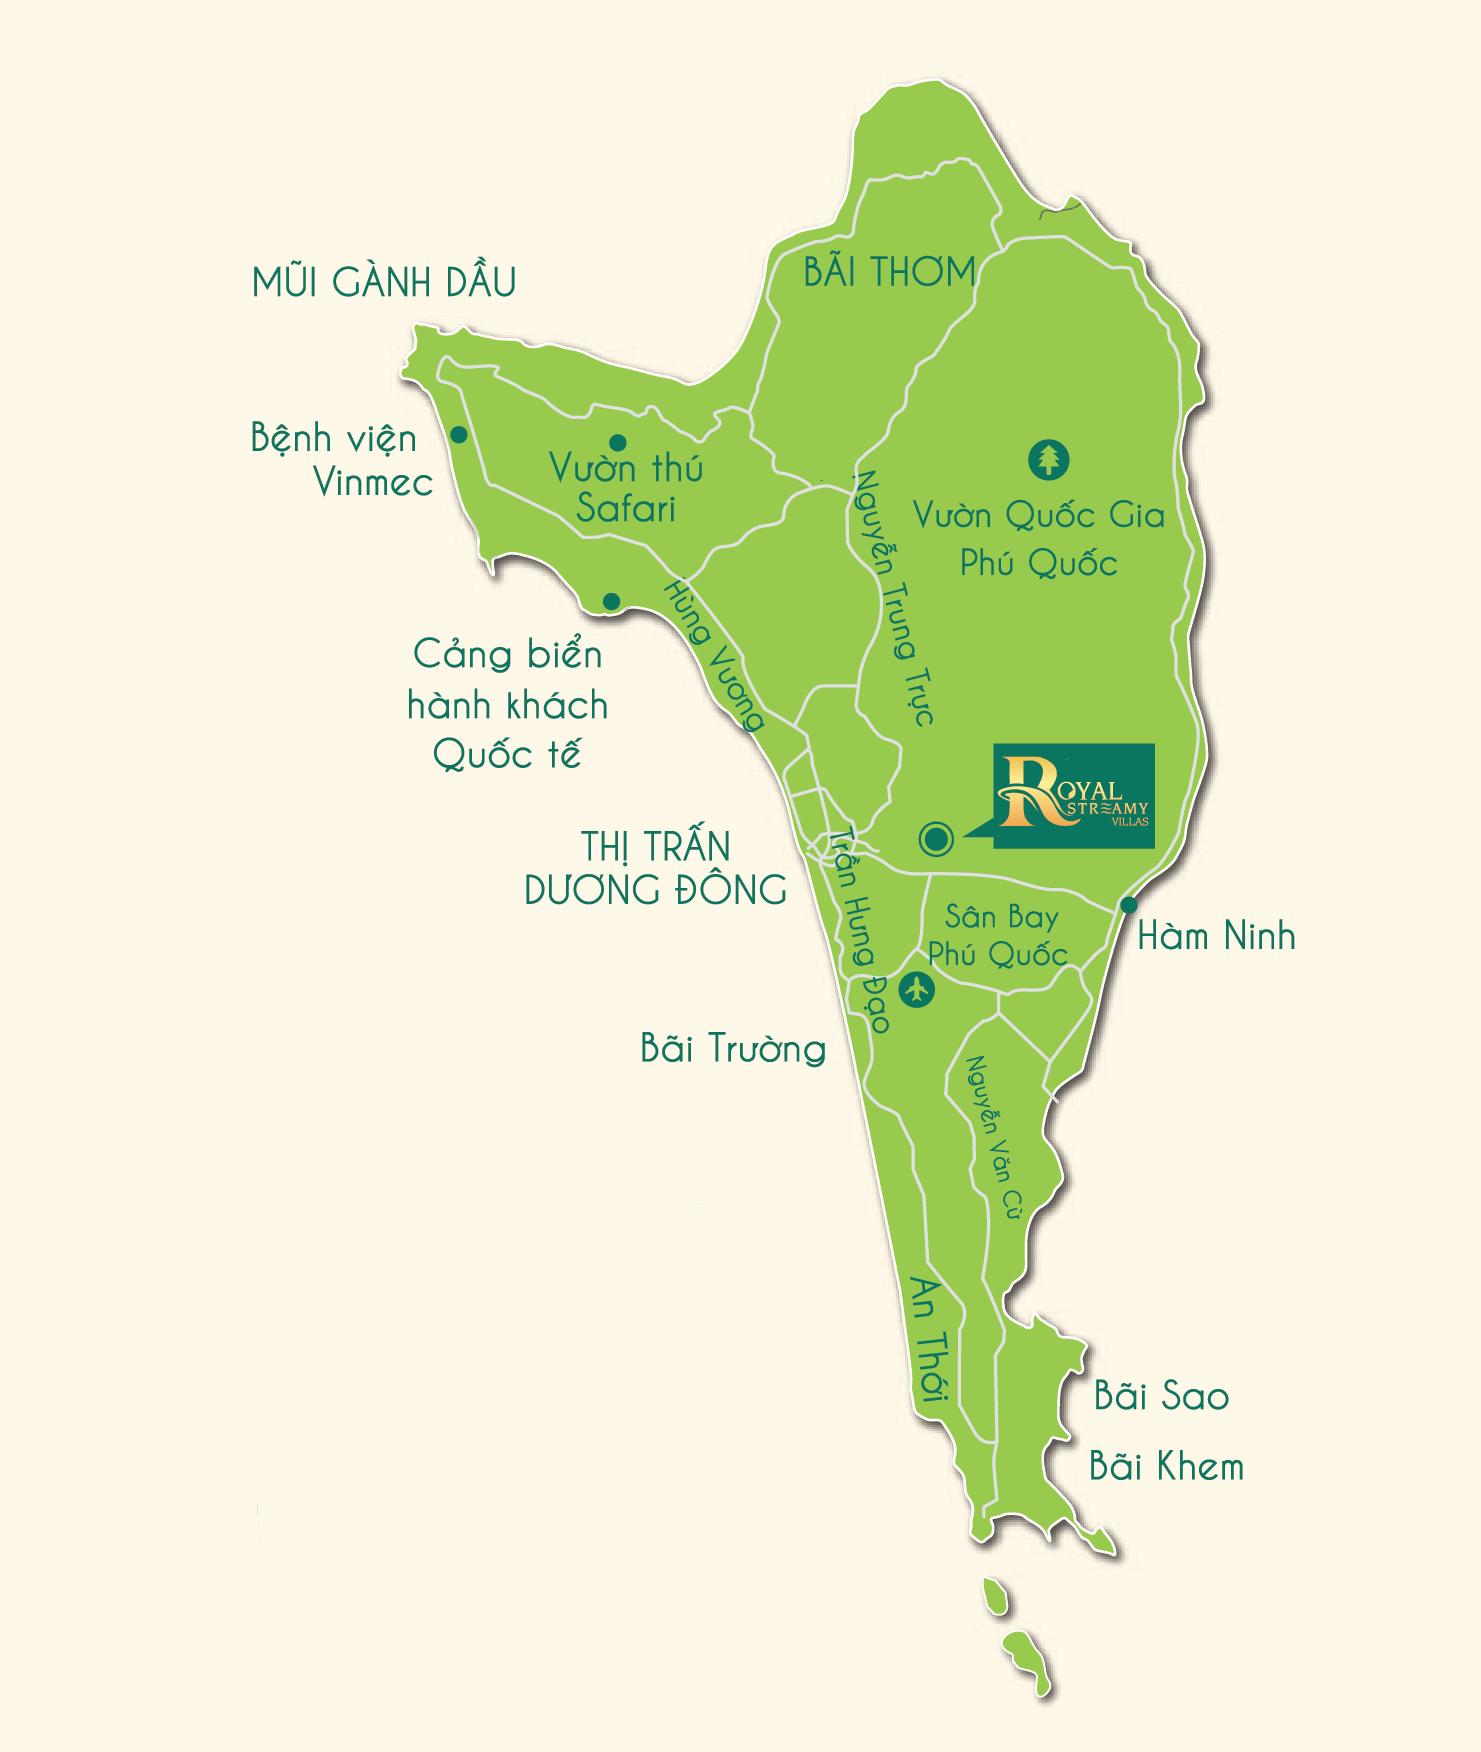 Royal Streamy Villas Phú Quốc - Liên Kết Vùng